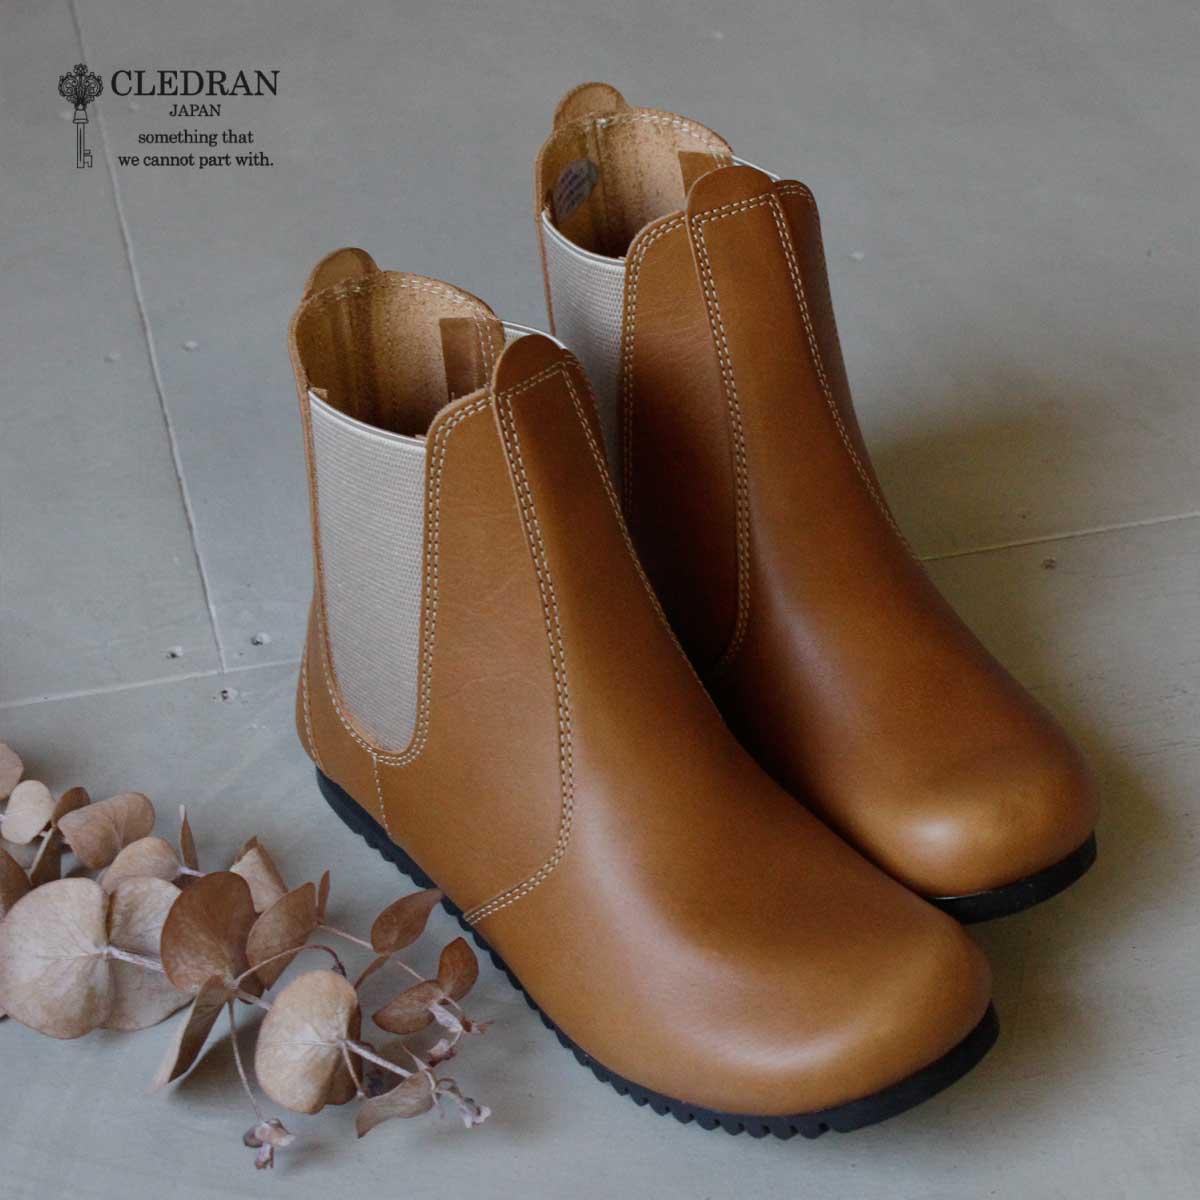 CLEDRAN(クレドラン)サイドゴアブーツ オイルレザーシューズ 本革 革 靴 CL3029 OILED LEATHER SHOES GORE